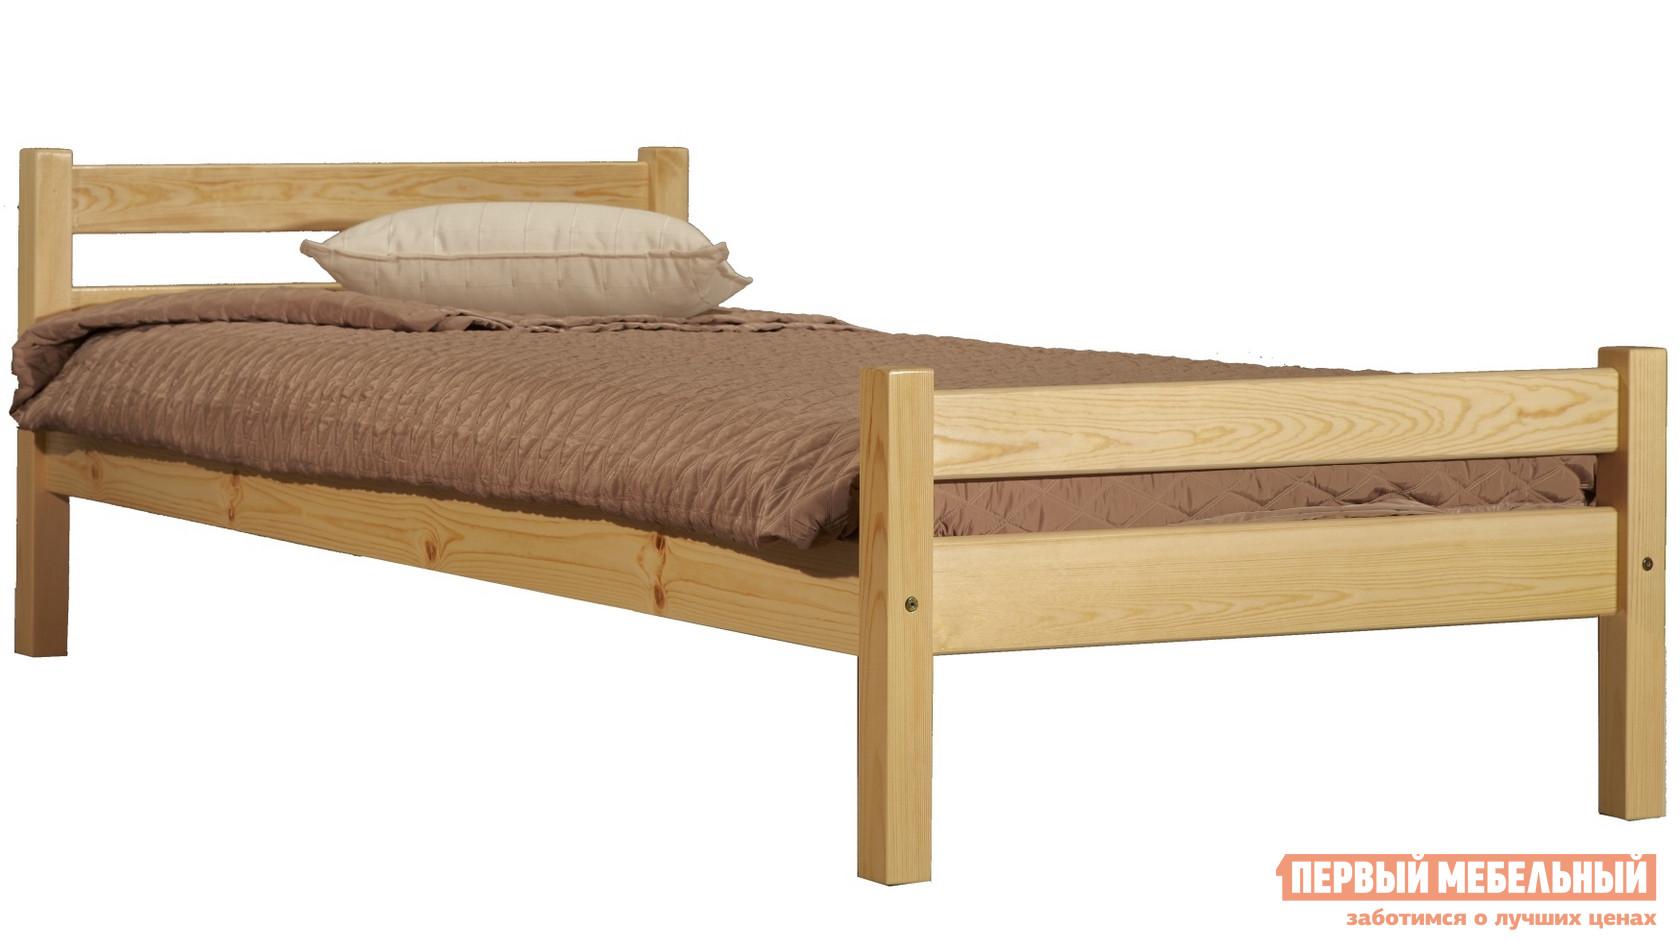 Полутороспальная кровать Timberica Классик Бесцветный лак, Спальное место 1200 Х 2000 мм